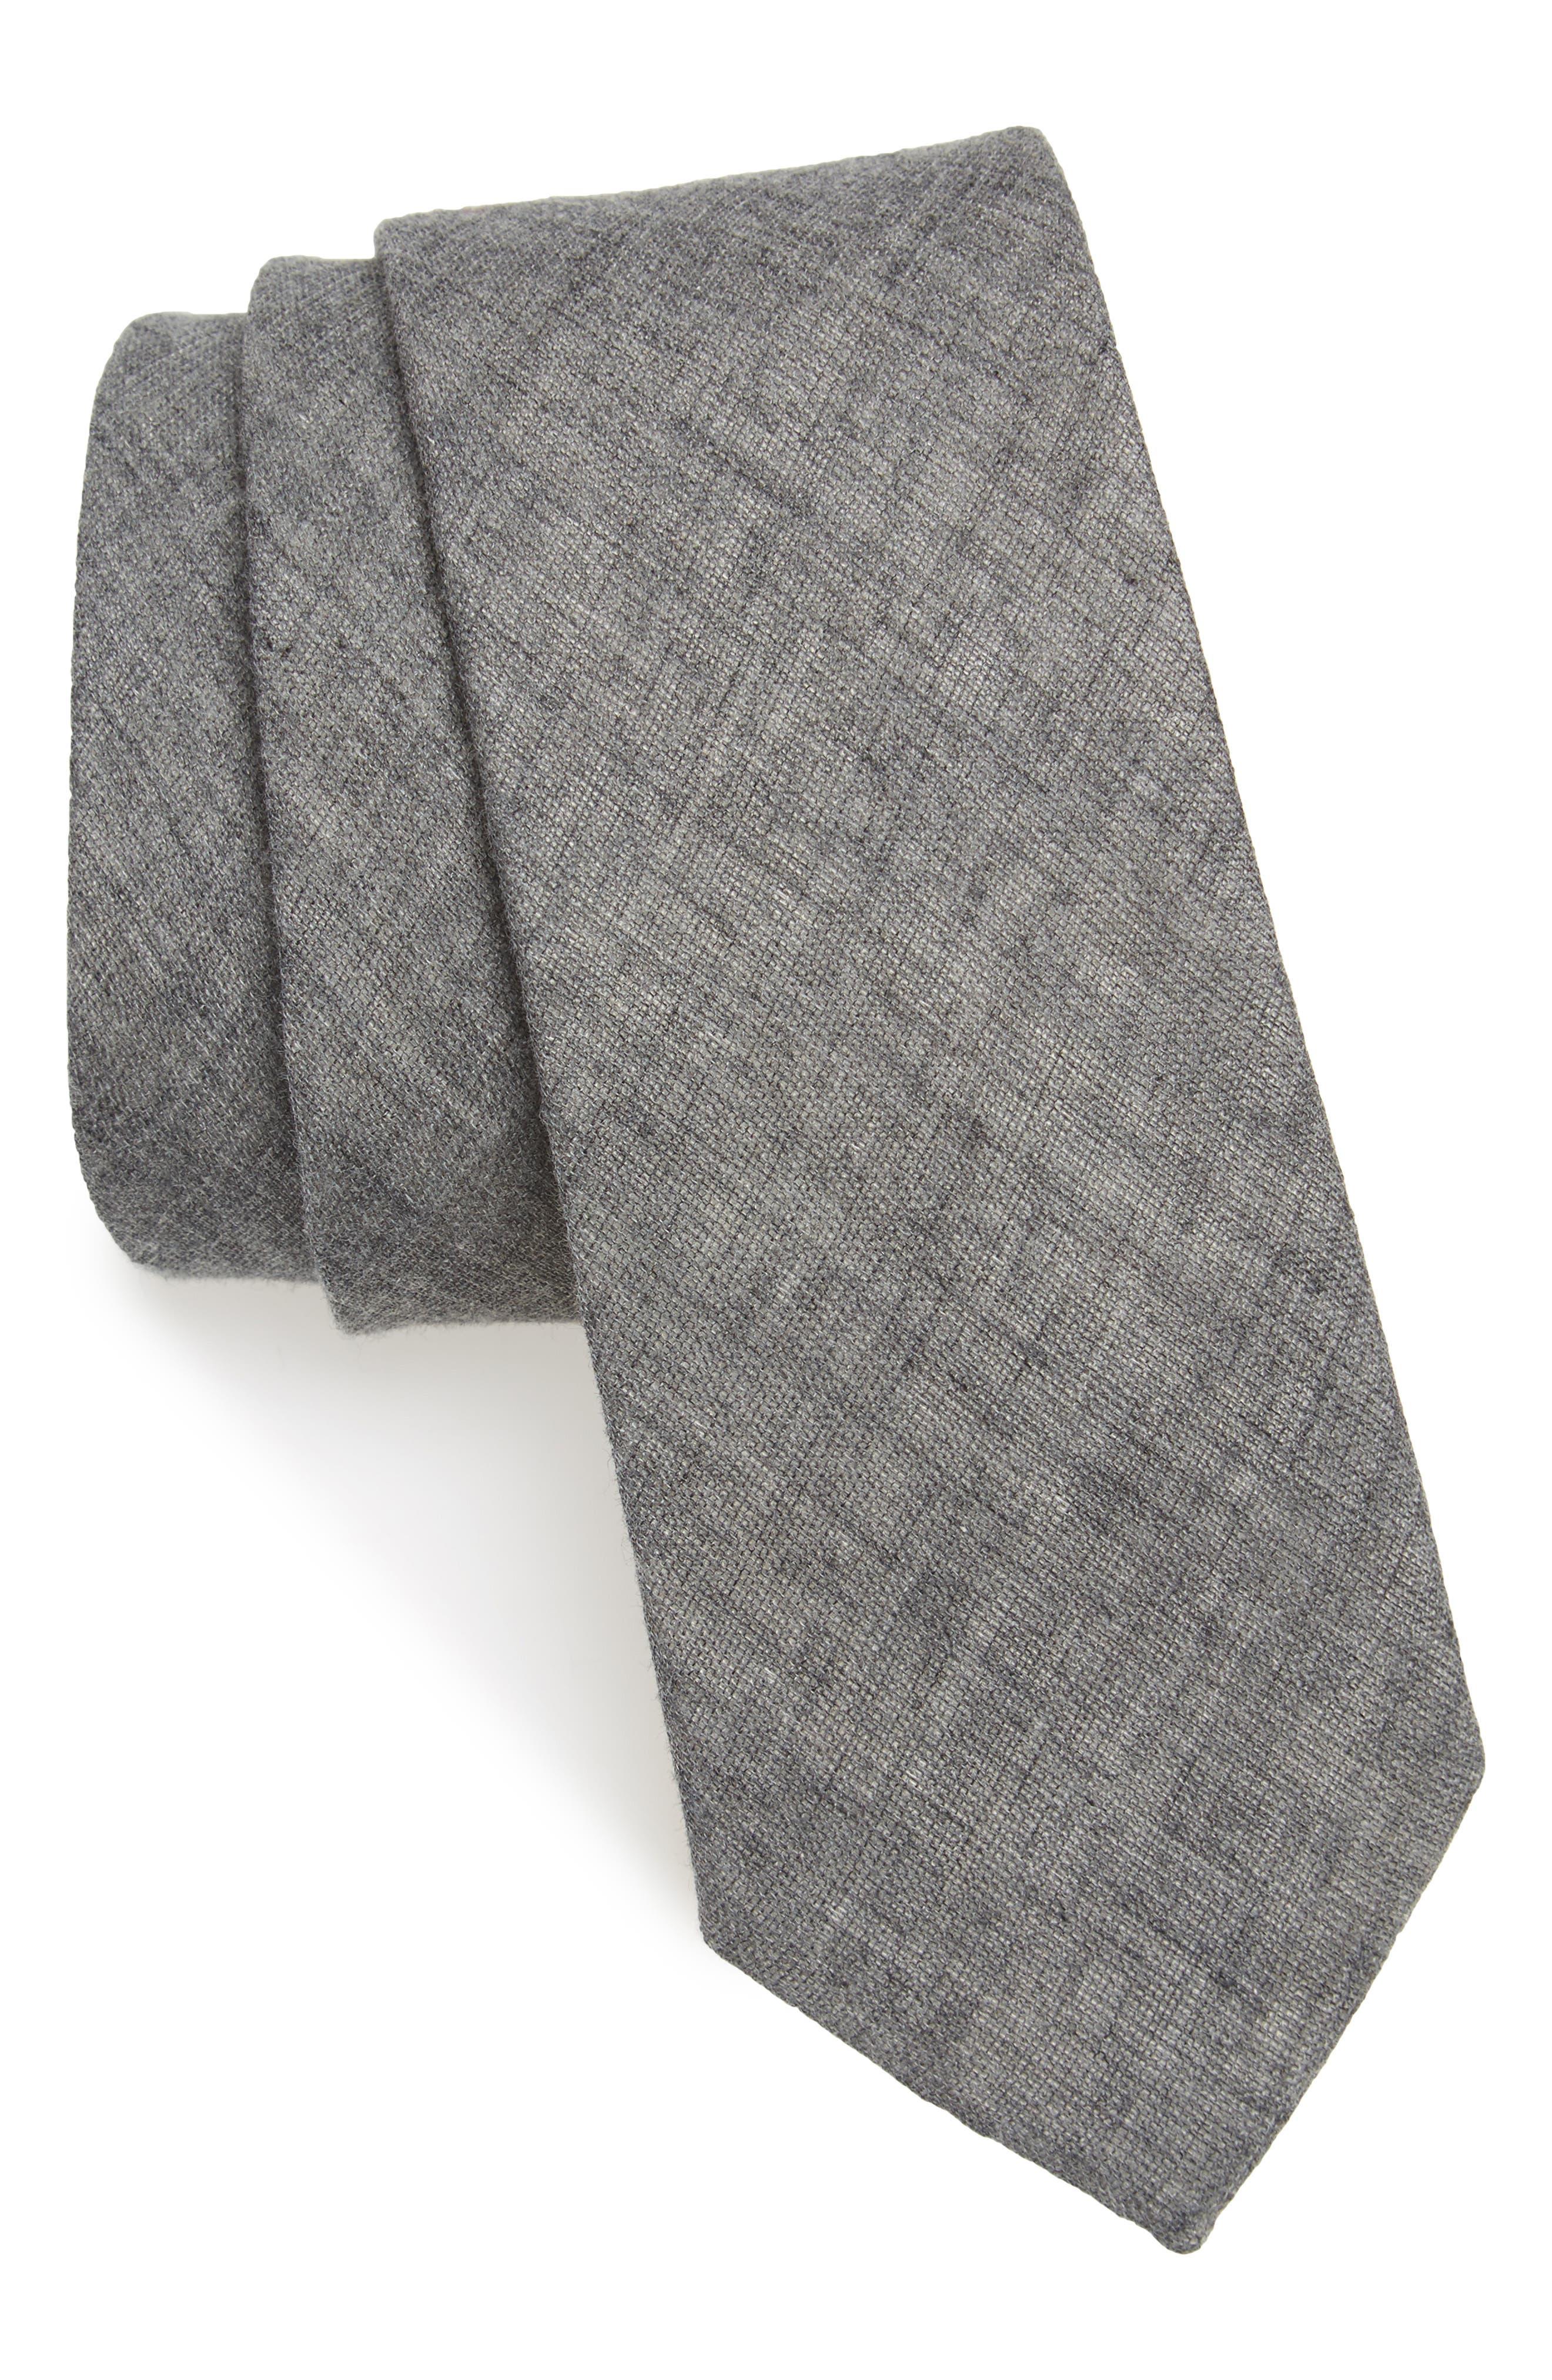 Bedell Solid Cotton Tie,                         Main,                         color, 001